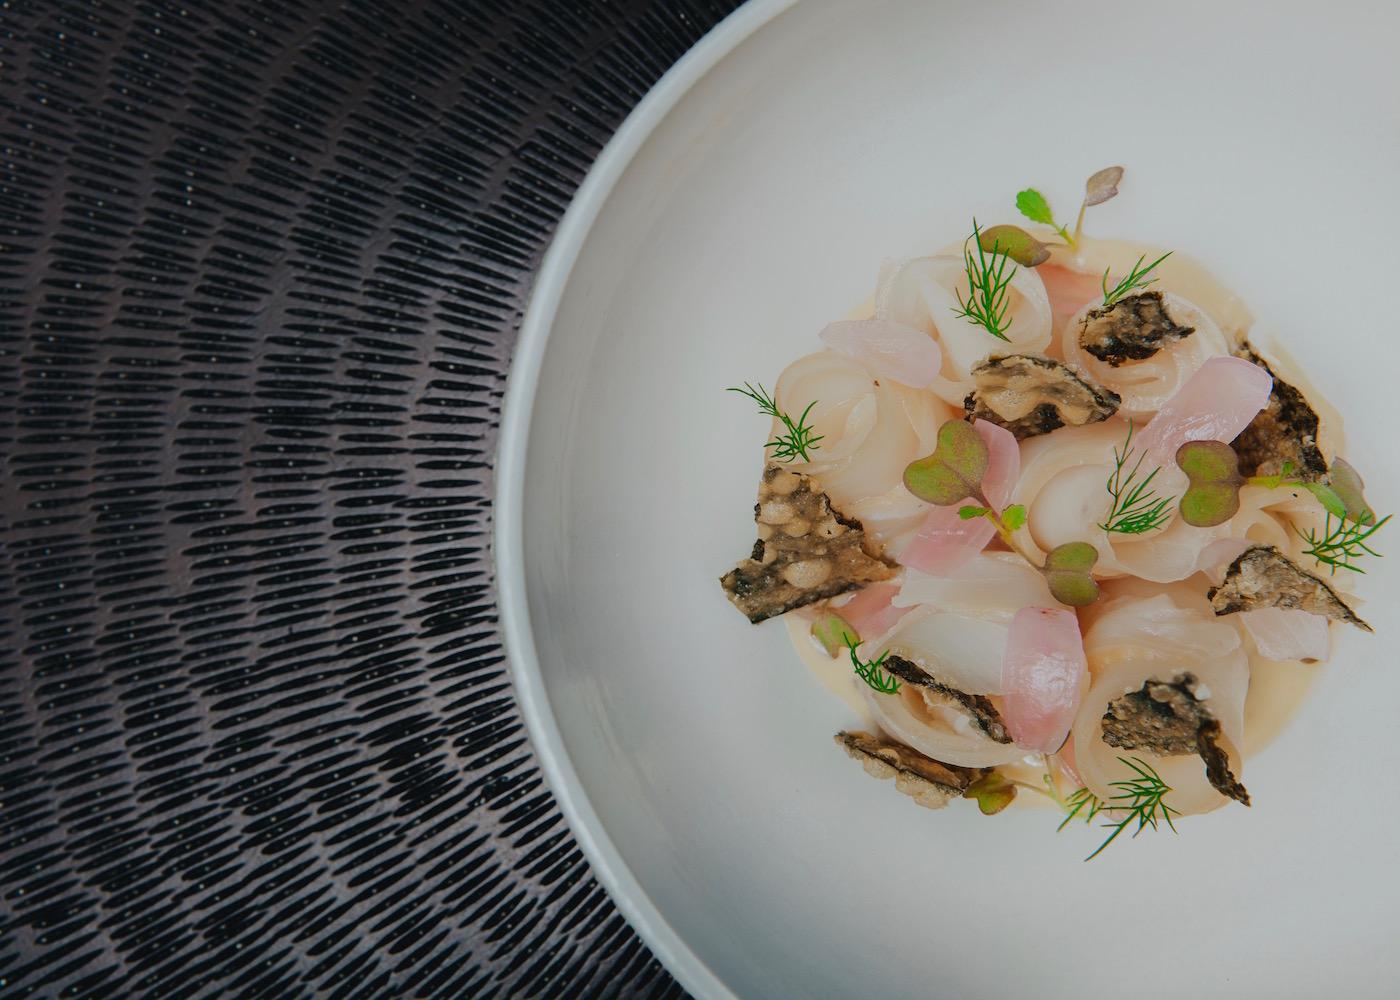 Seafood dish at Seasalt restaurant at Alila Seminyak in Bali, Indonesia